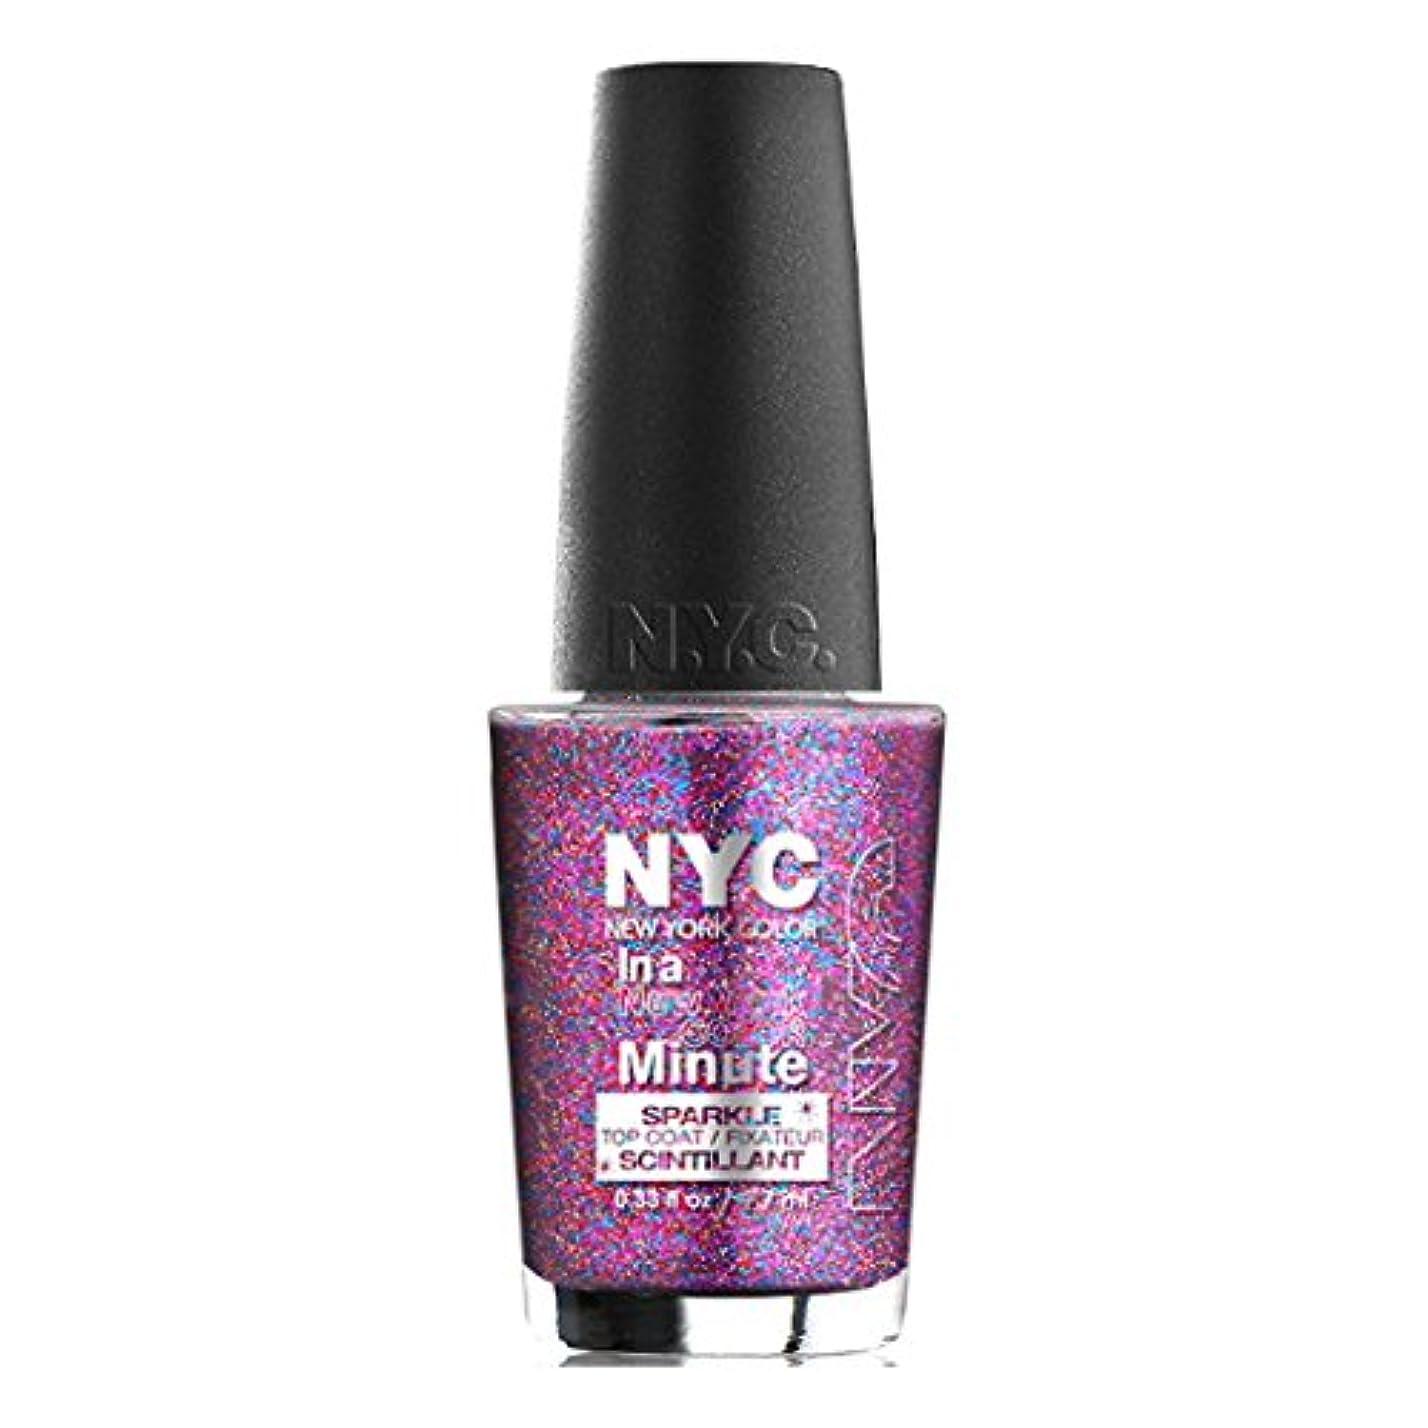 とまり木倉庫妨げる(6 Pack) NYC In A New York Color Minute Sparkle Top Coat - Big City Dazzle (並行輸入品)